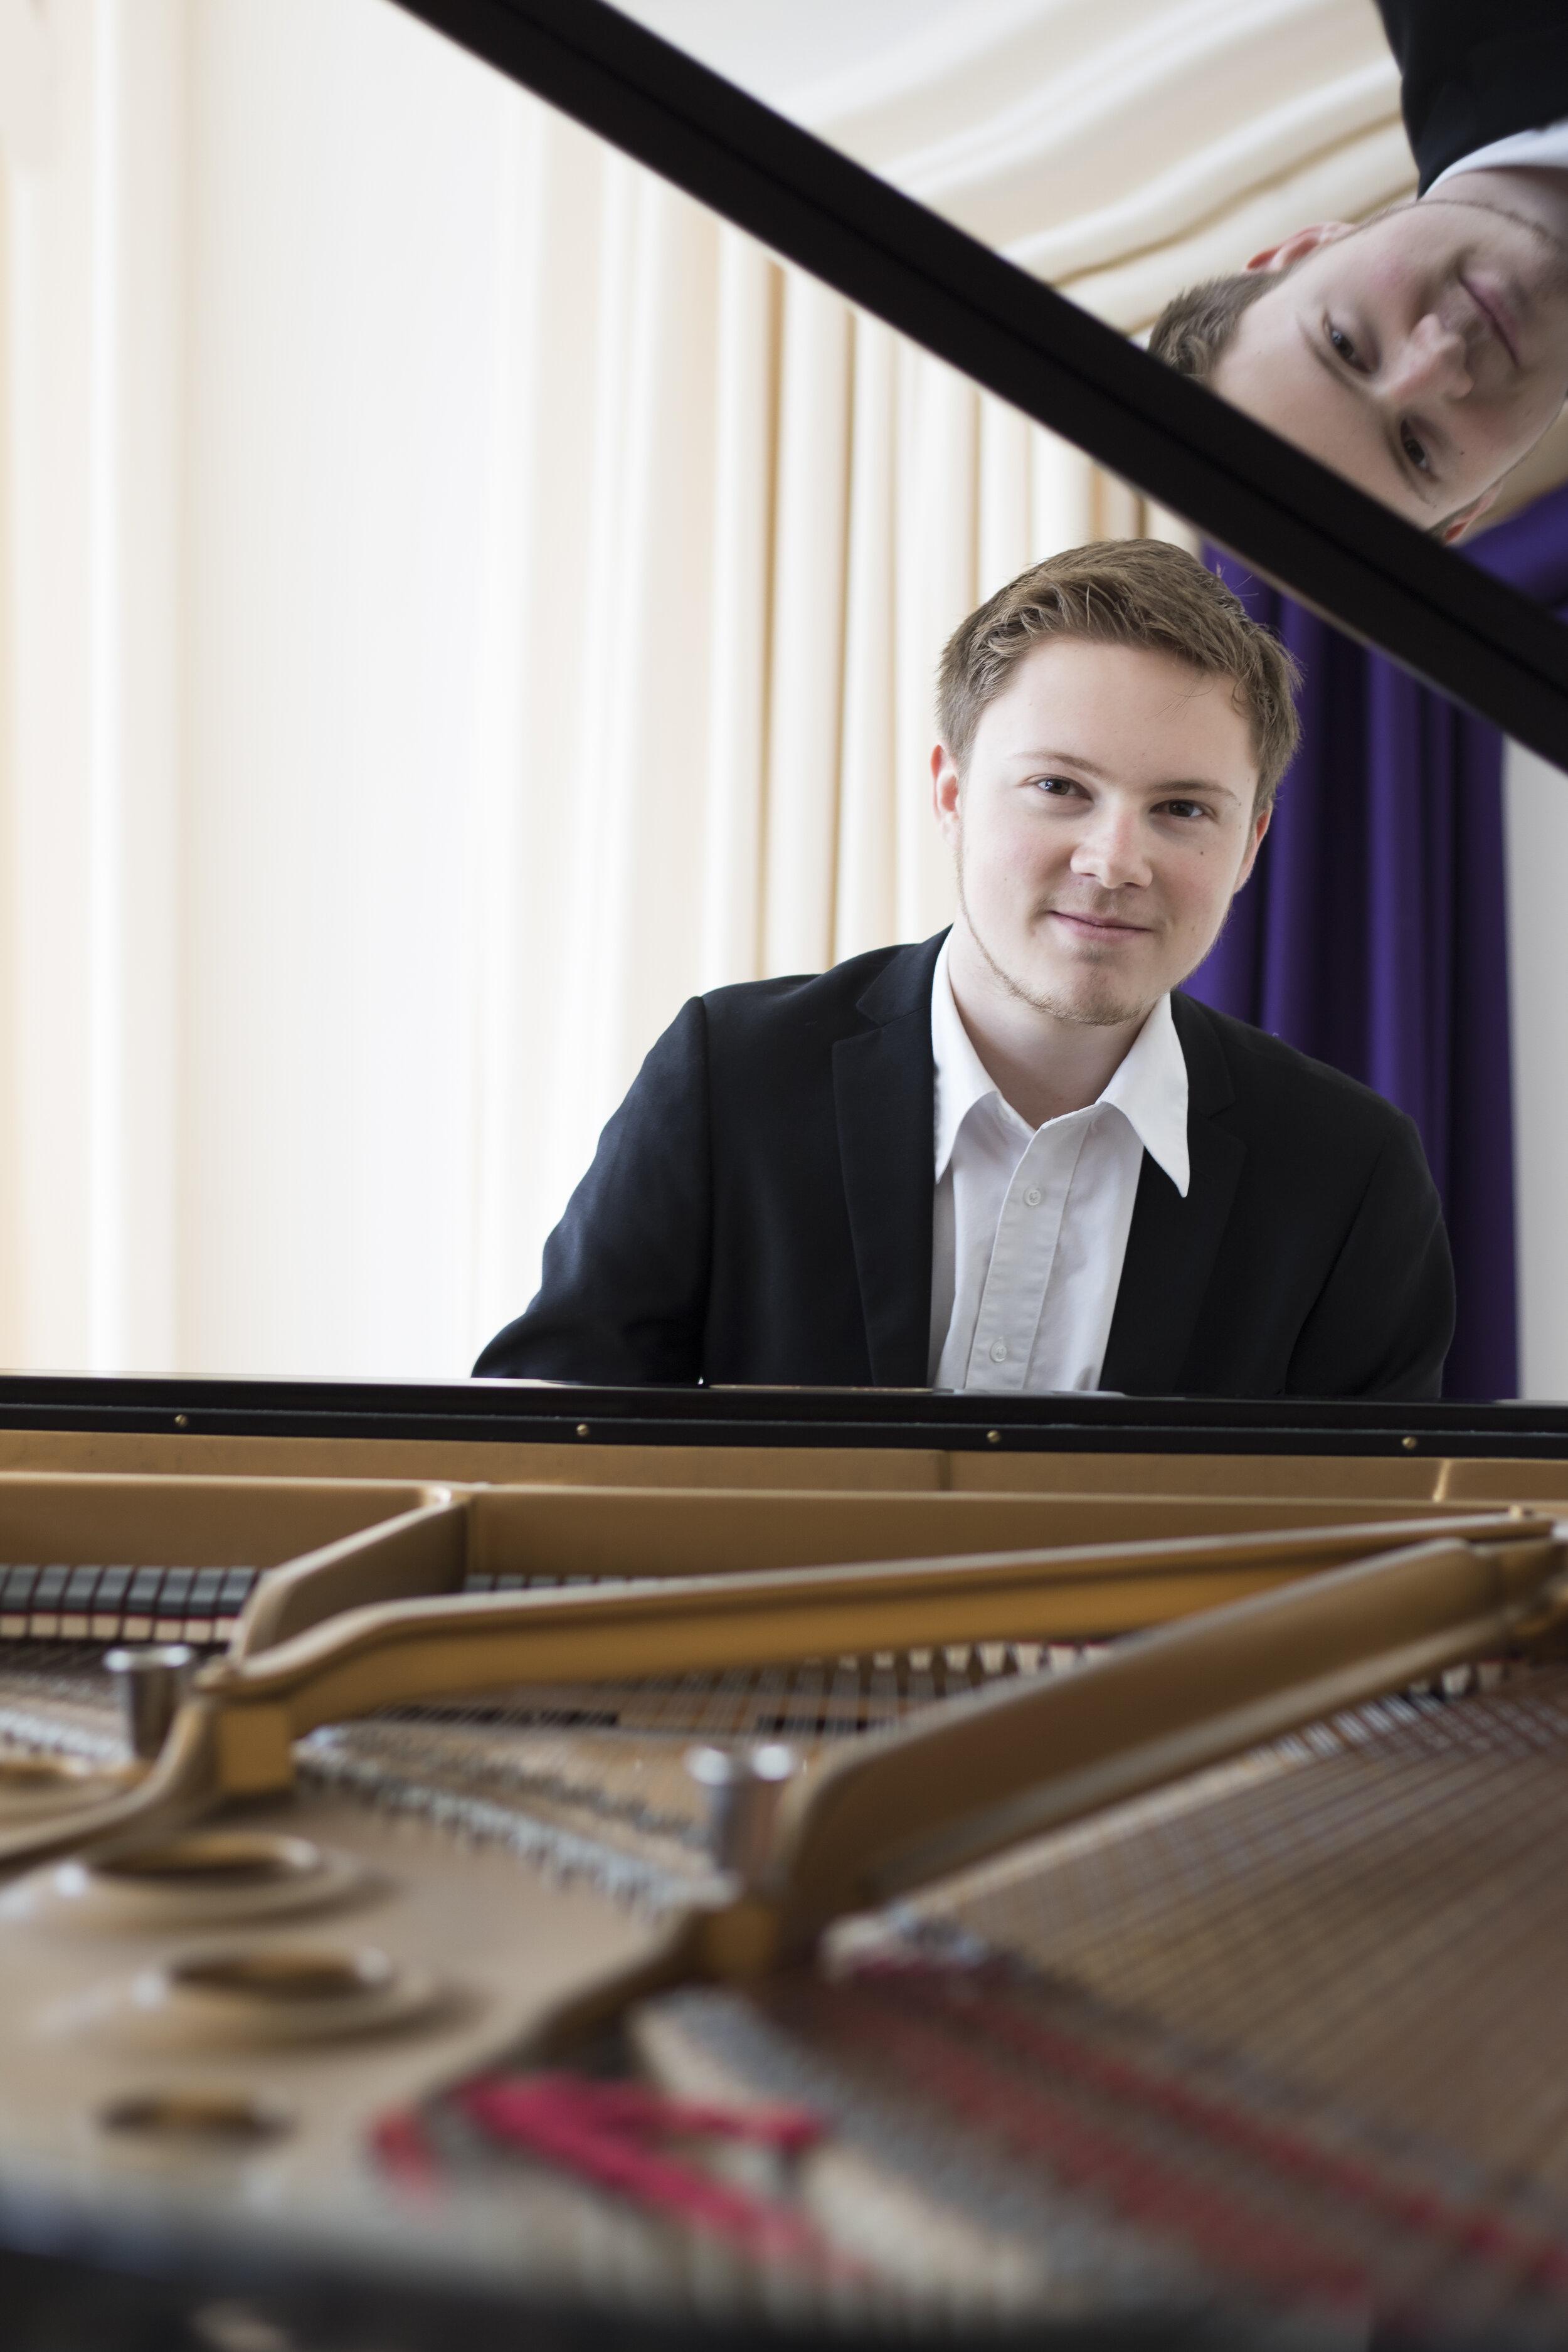 Francesco Barfoed, piano